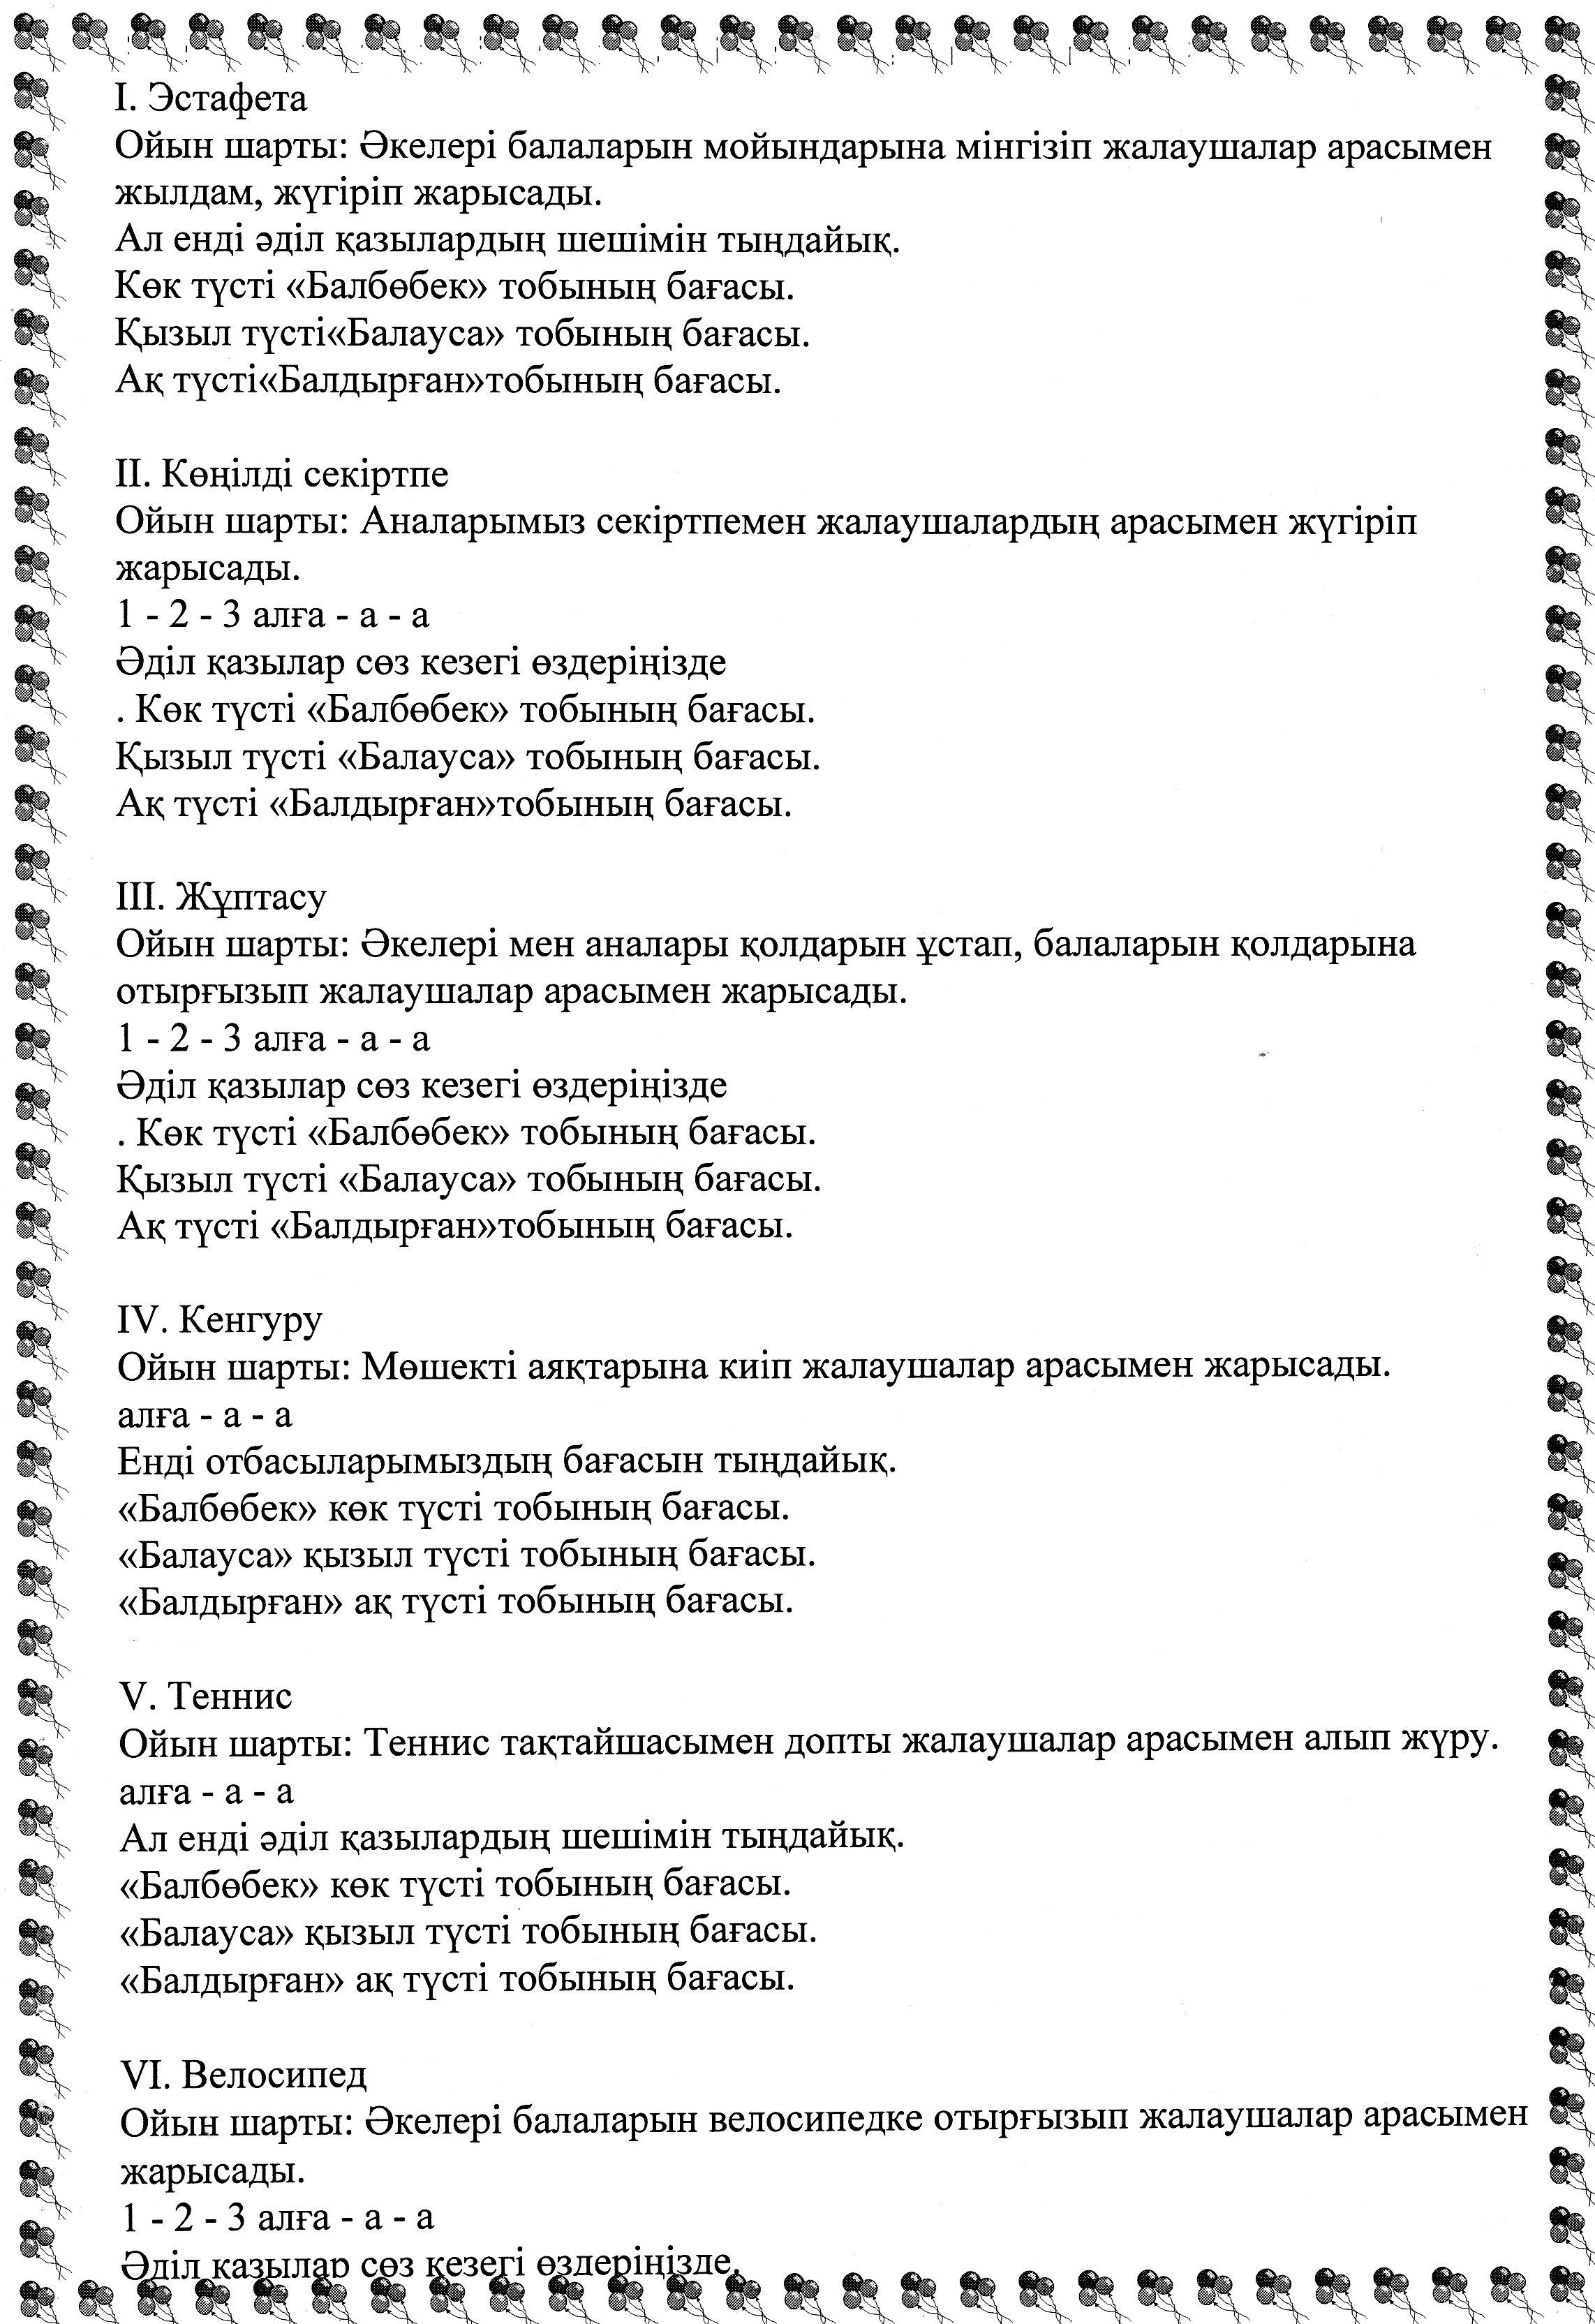 C:\Documents and Settings\Admin\Мои документы\Мои рисунки\img060.jpg